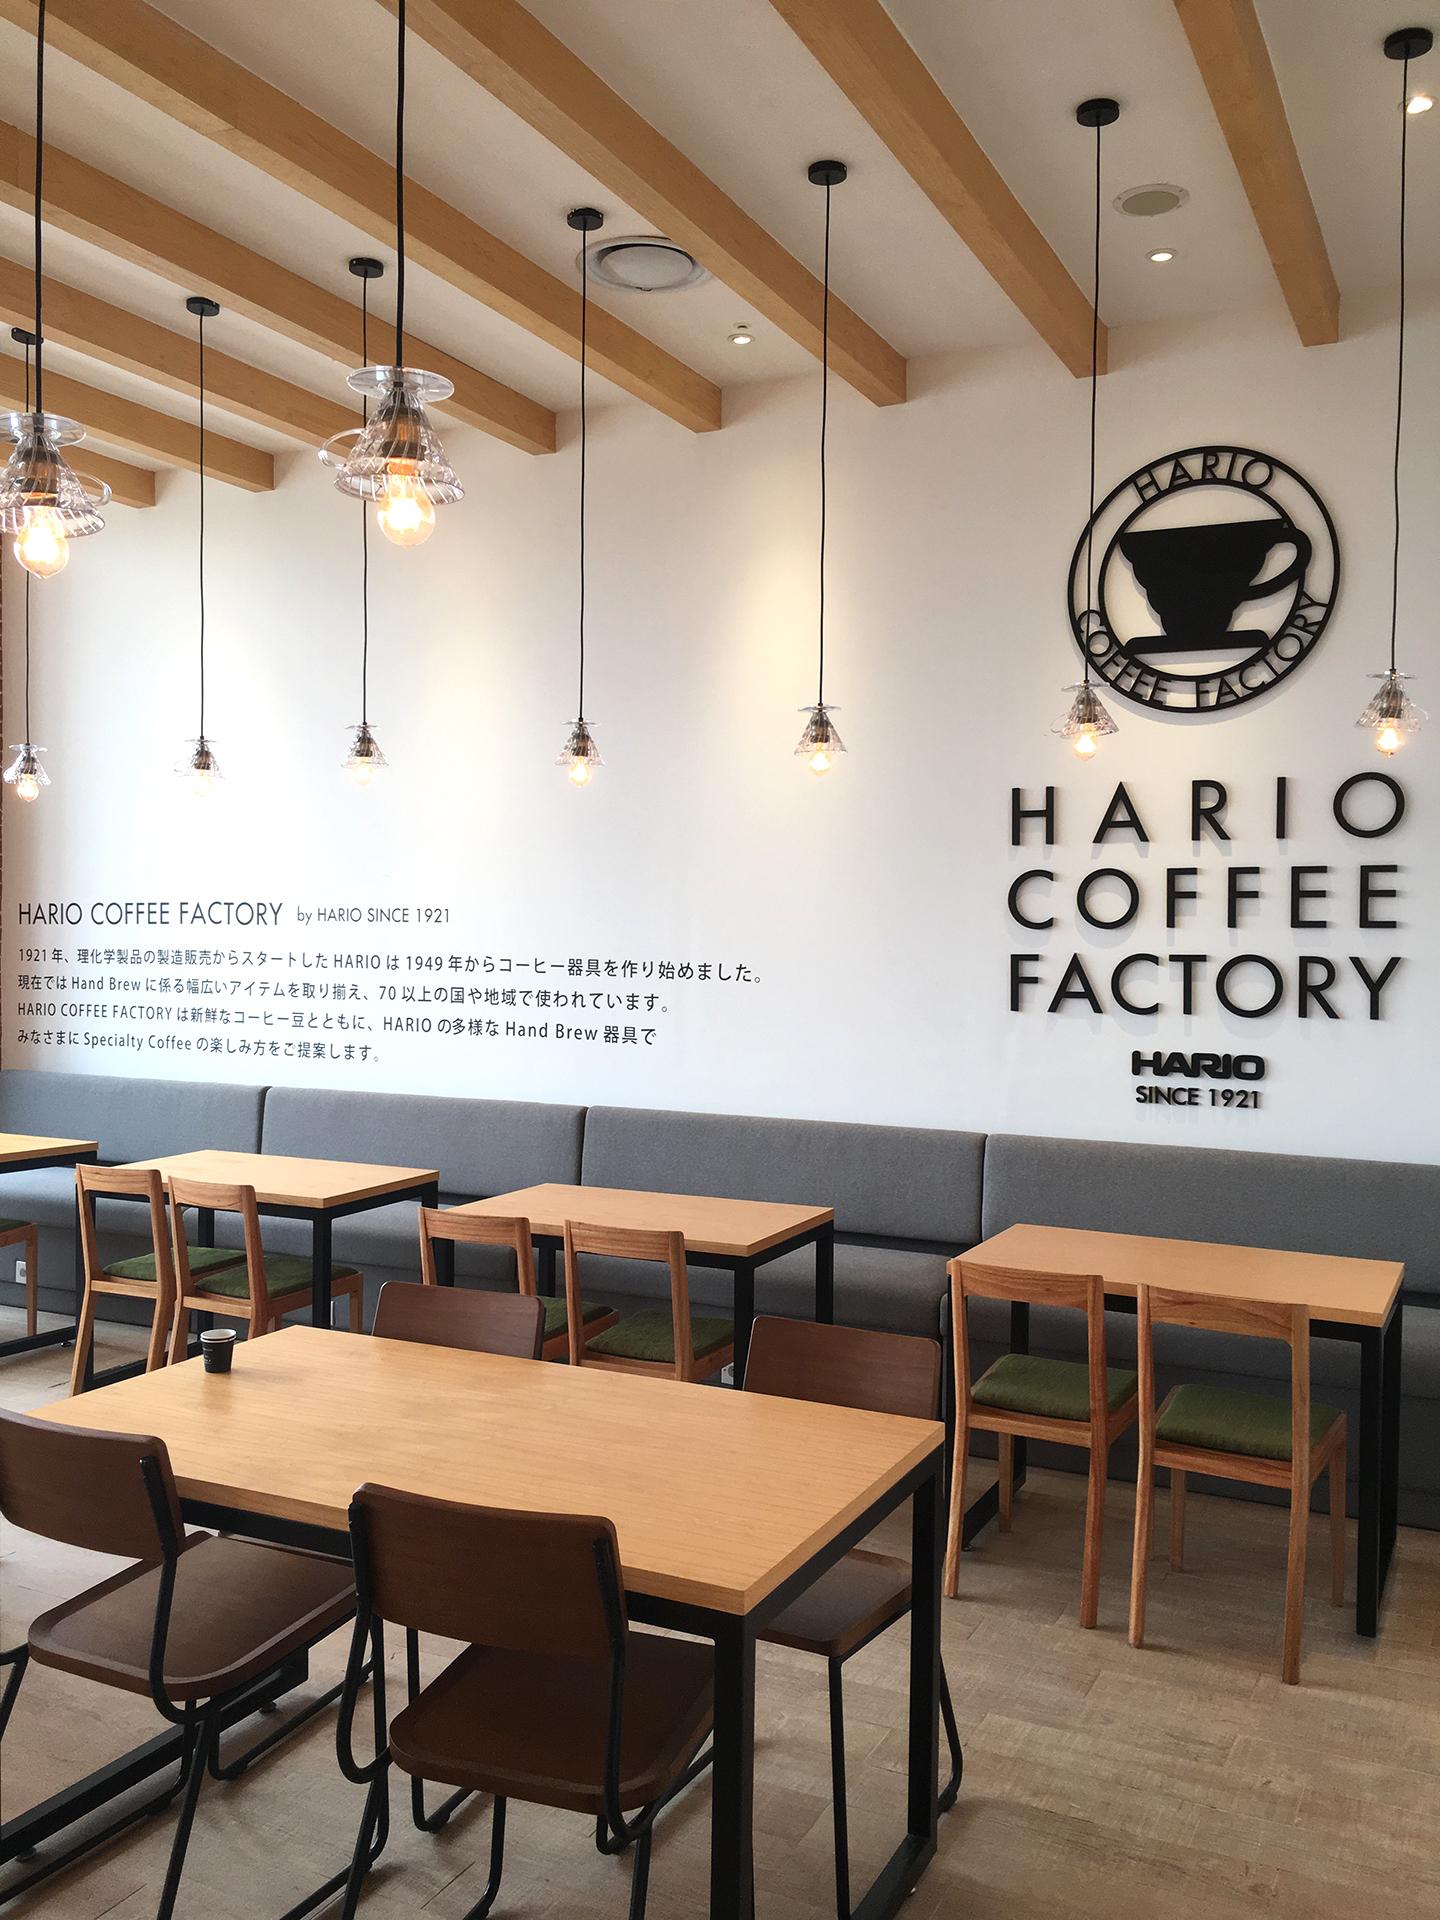 Hario Coffee Shop